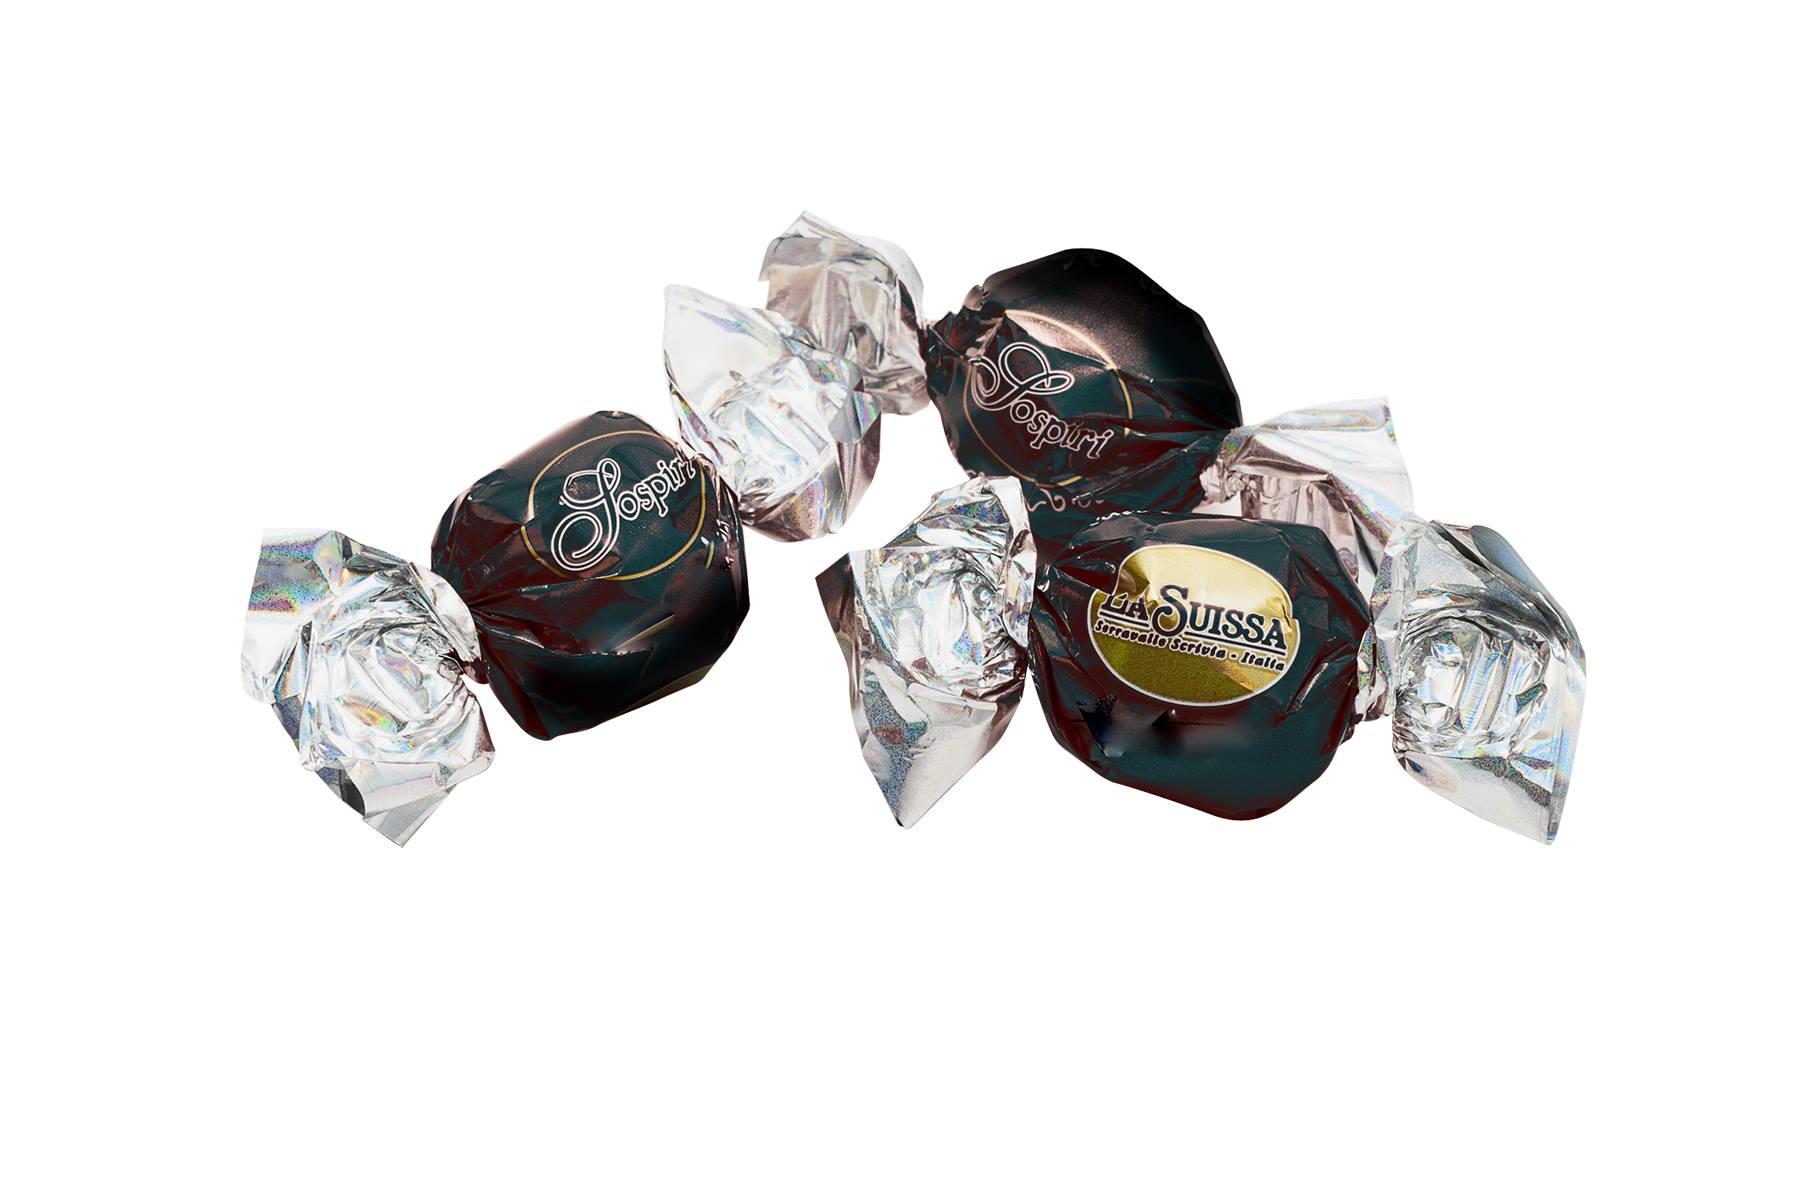 Hořká čokoládová pralinka